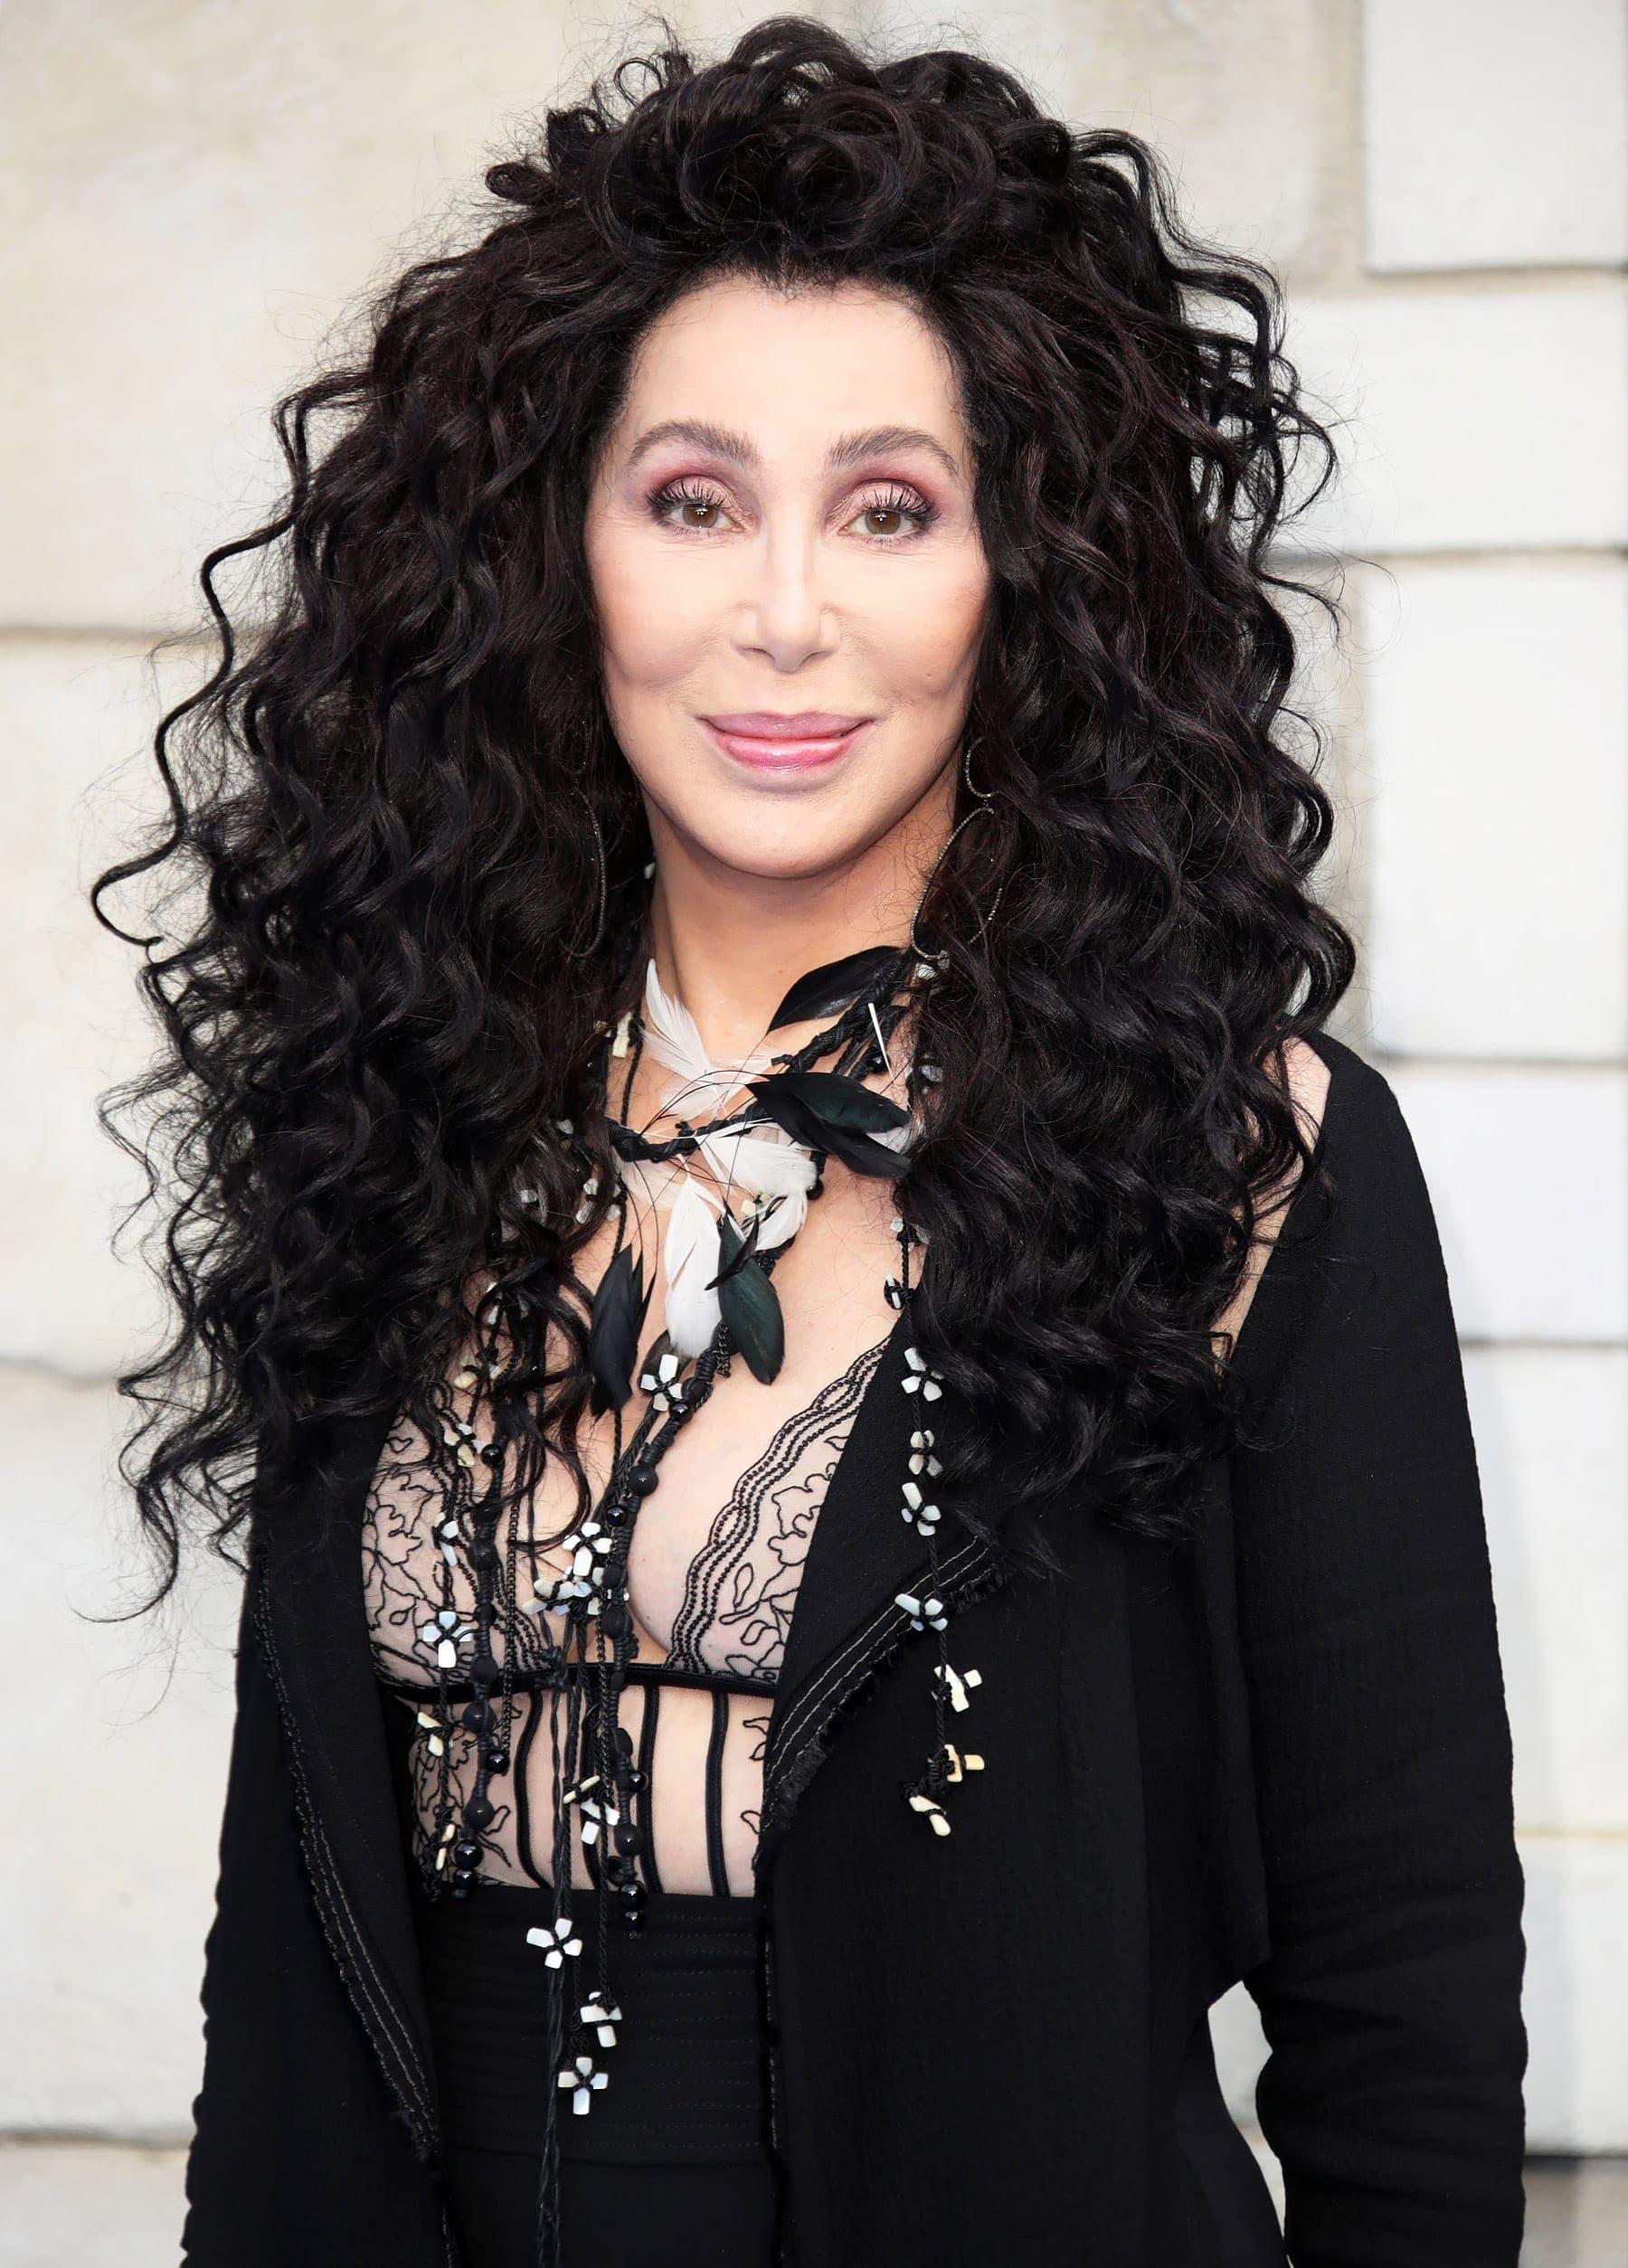 Fotos De Cher hard rock cafe confirm second costa del sol restaurant will